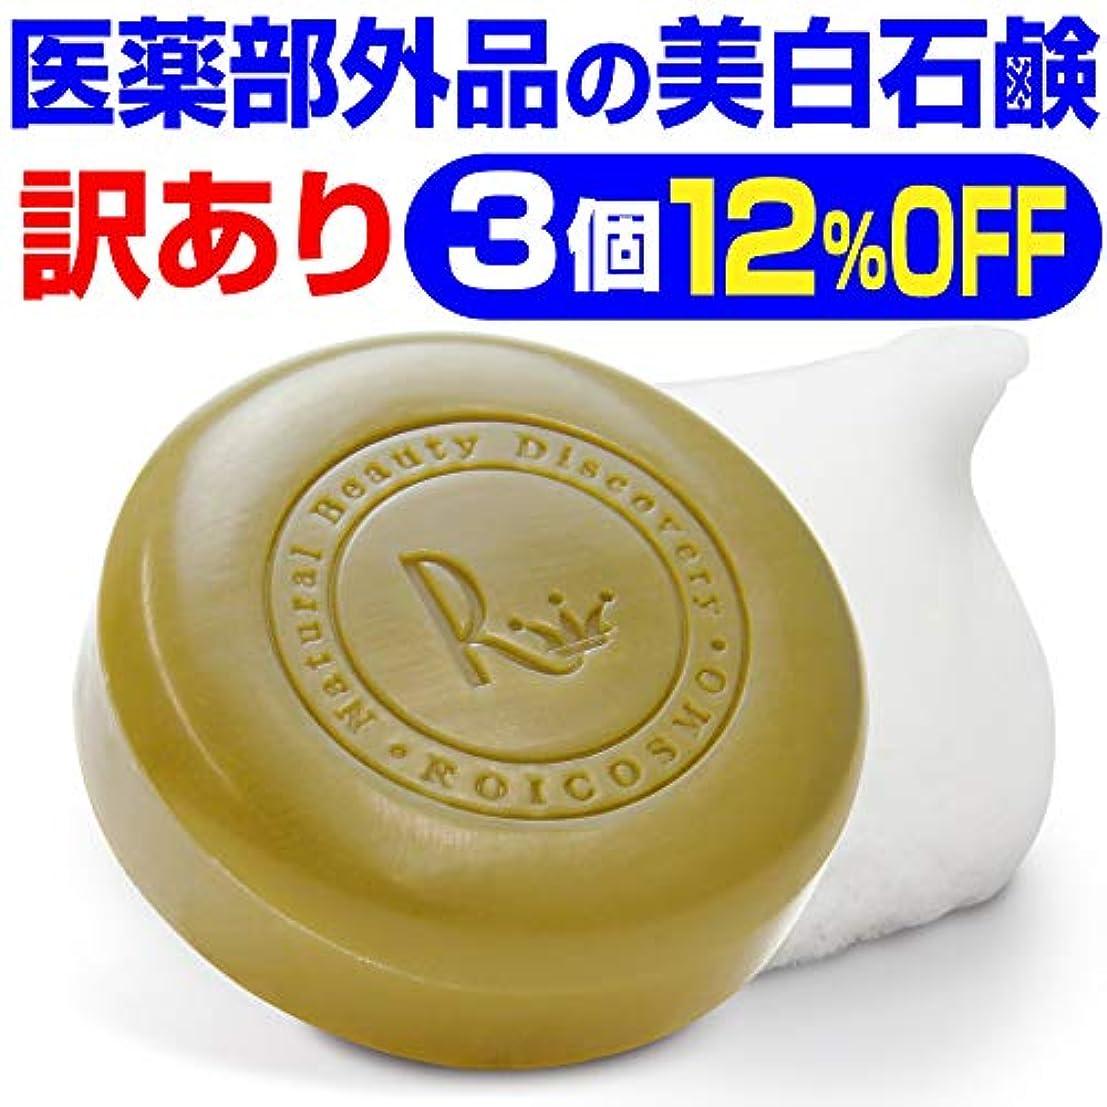 風変わりな可能にするワークショップ訳あり12%OFF(1個2,090円)売切れ御免 ビタミンC270倍の美白成分の 洗顔石鹸『ホワイトソープ100g×3個』